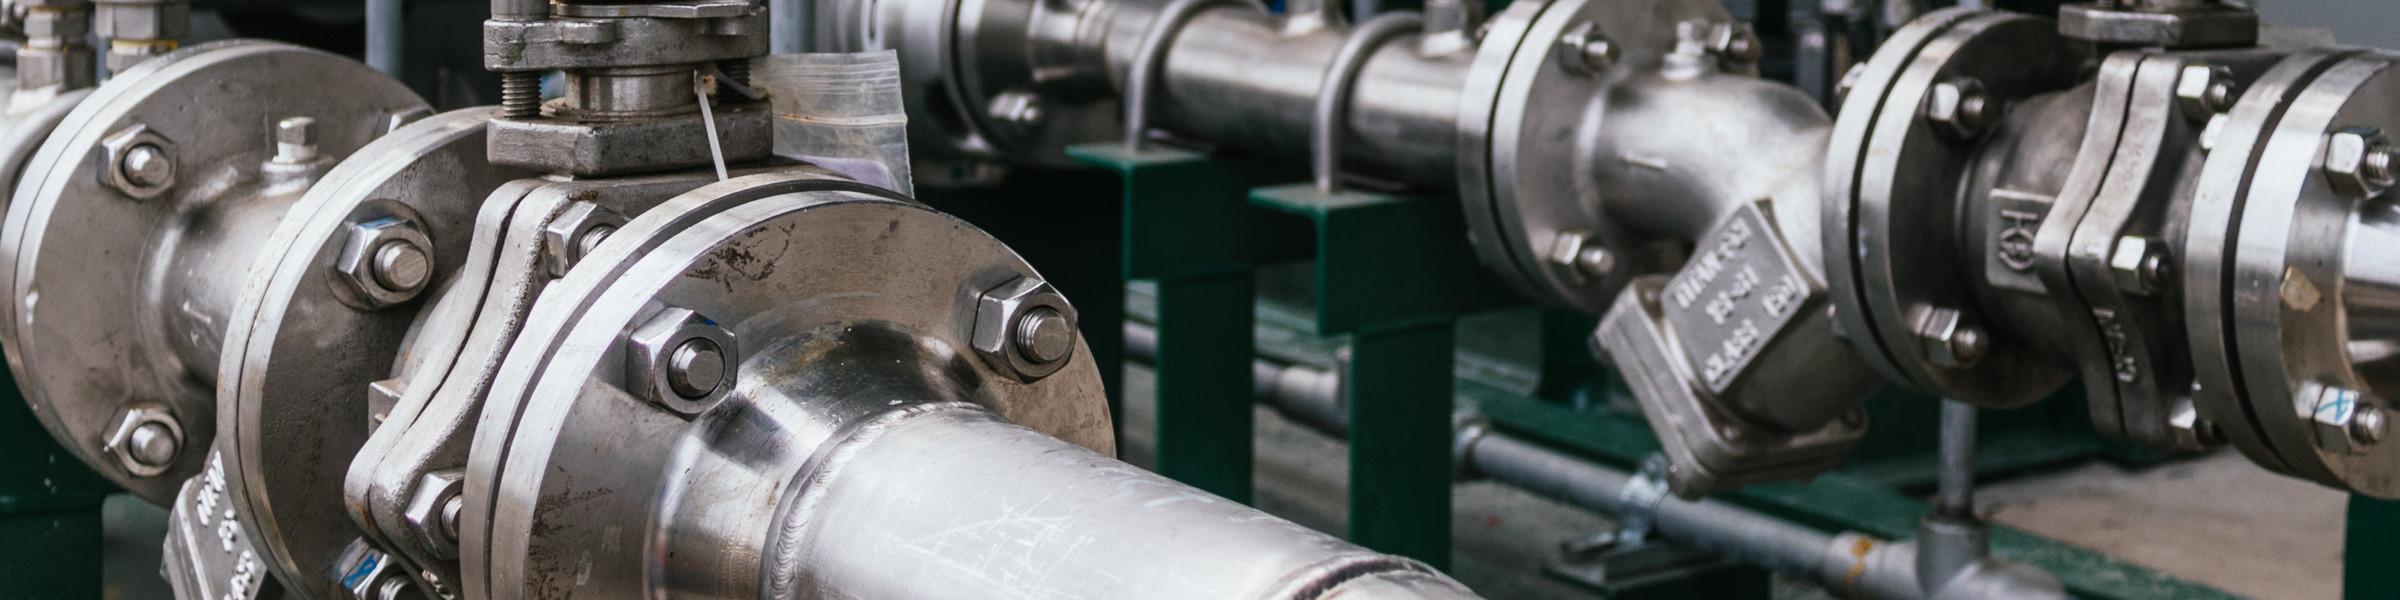 tuberías metalicas, bomba de agua